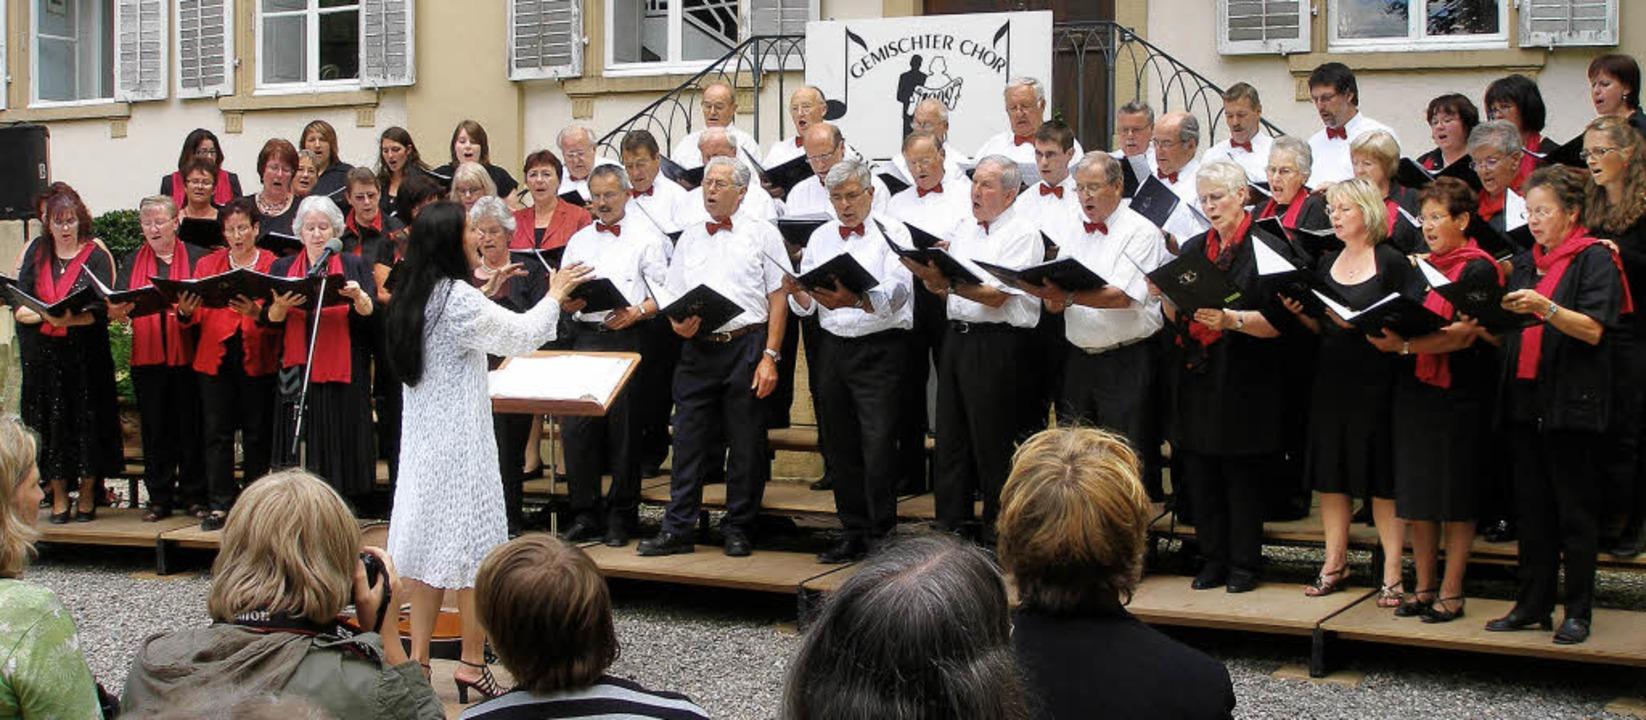 Der gemischte Chor Eintracht Hugstette...abei mit dem Schloss als Kulisse auf.     Foto: barbara schmidt